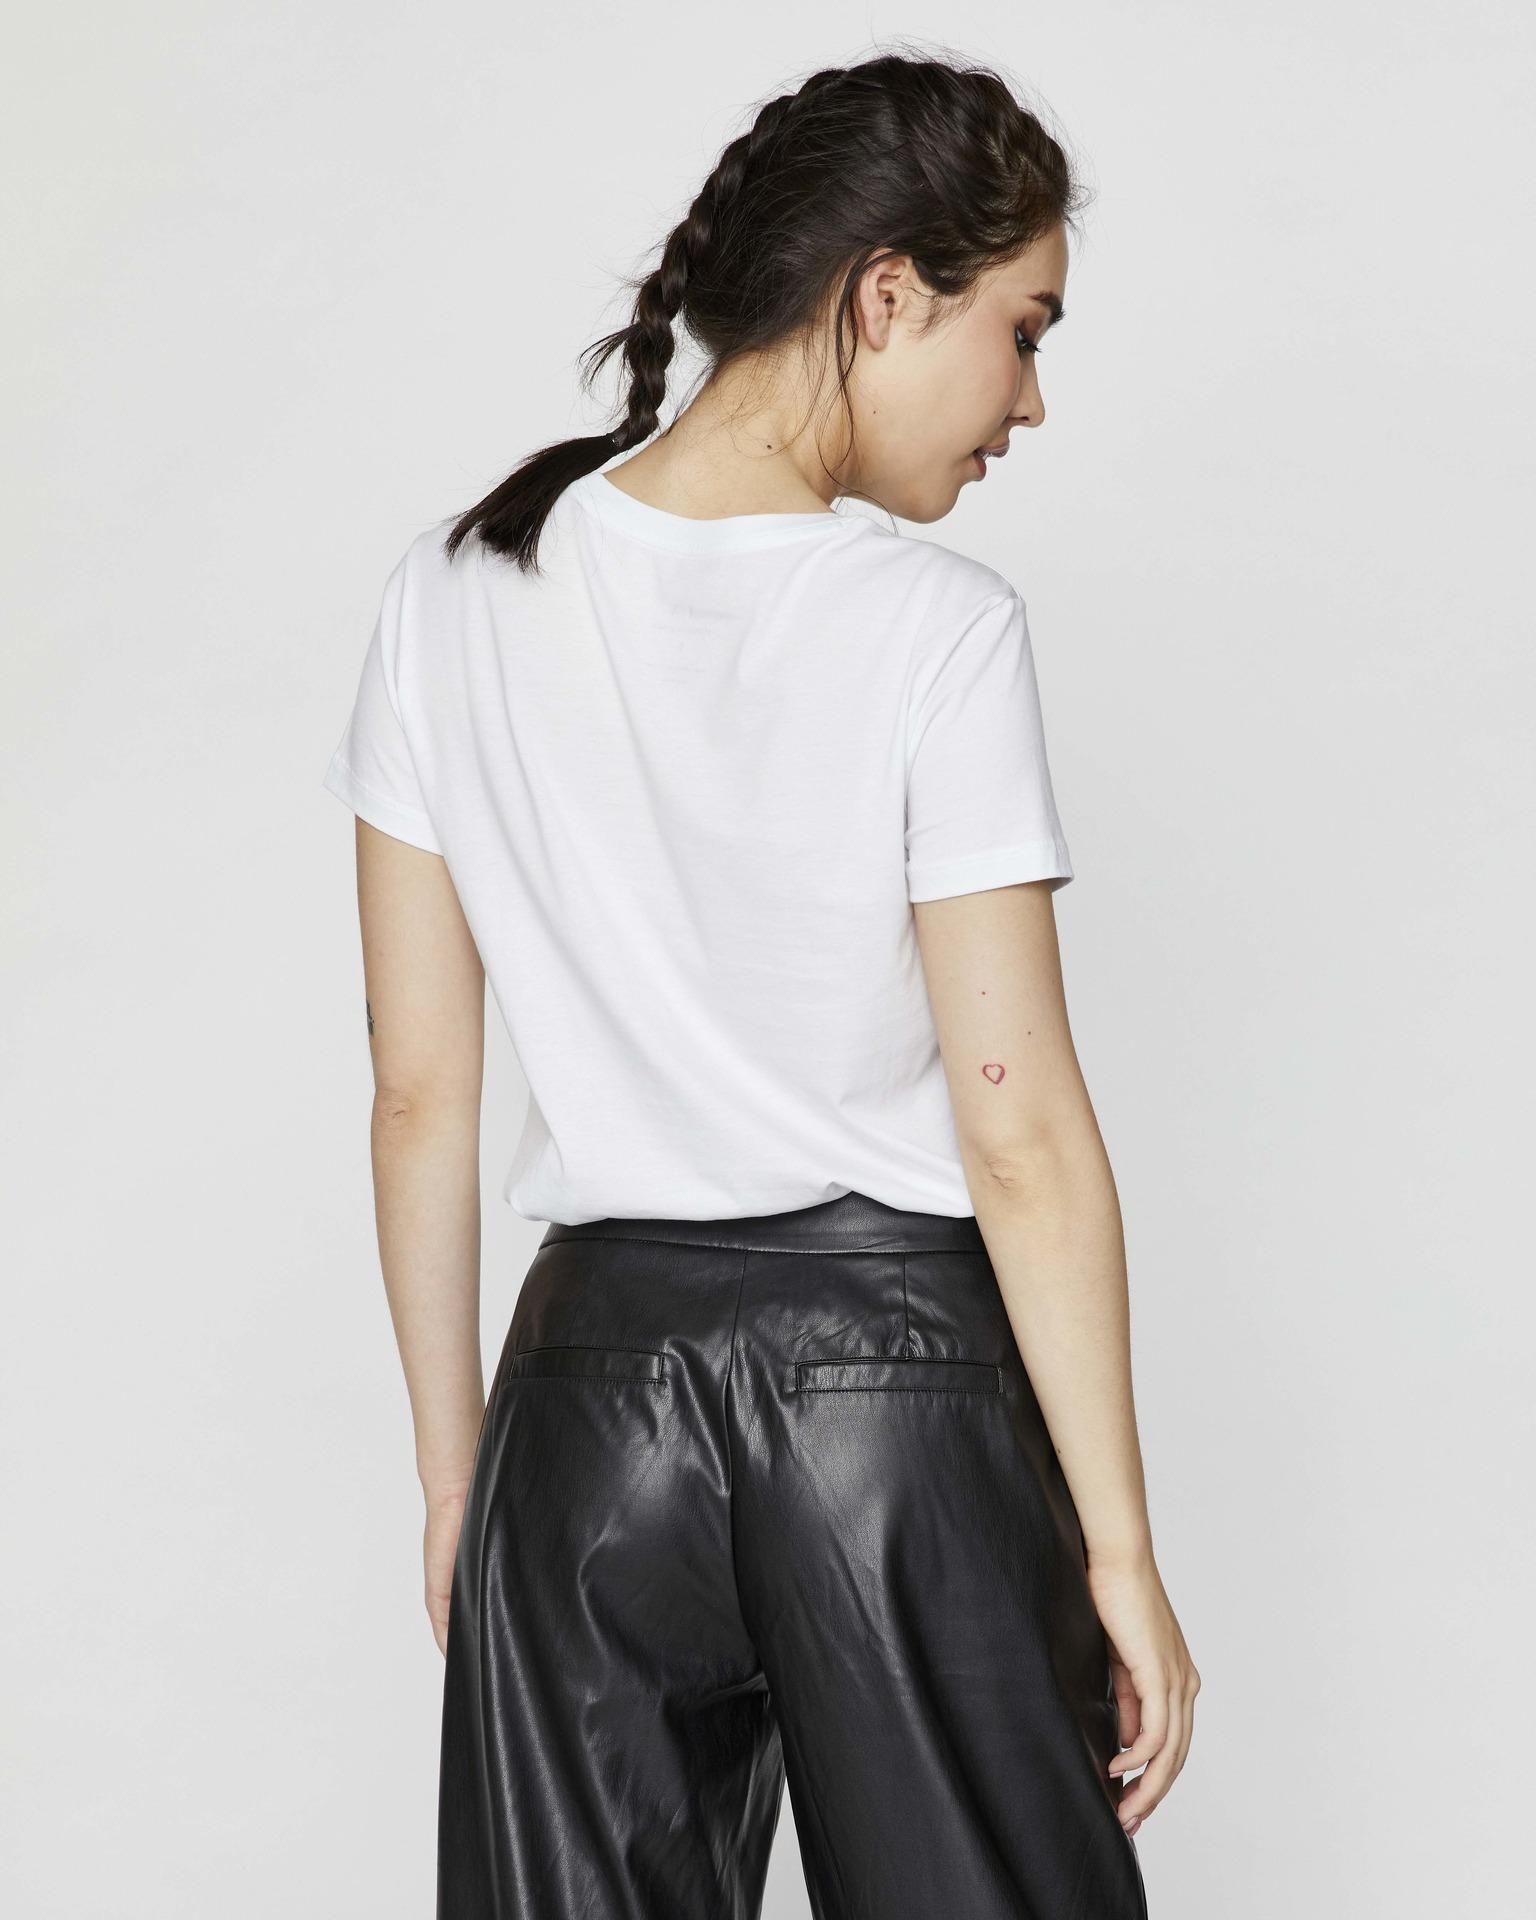 Armani Exchange biały damska koszulka